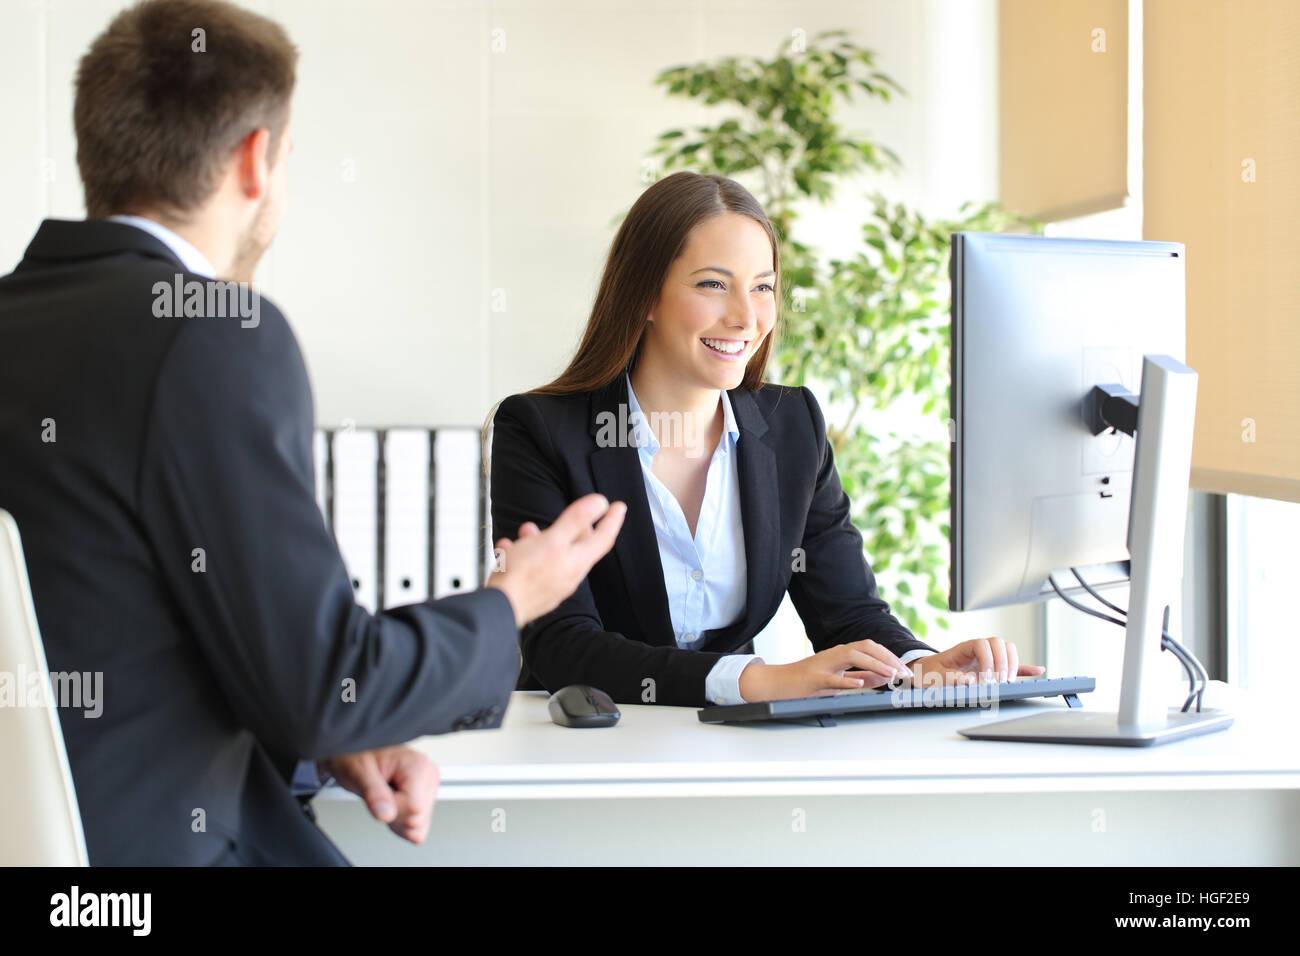 Agent, die Teilnahme an einem Client Einführung von Daten in einem Desktop-Computer im Büro Stockbild